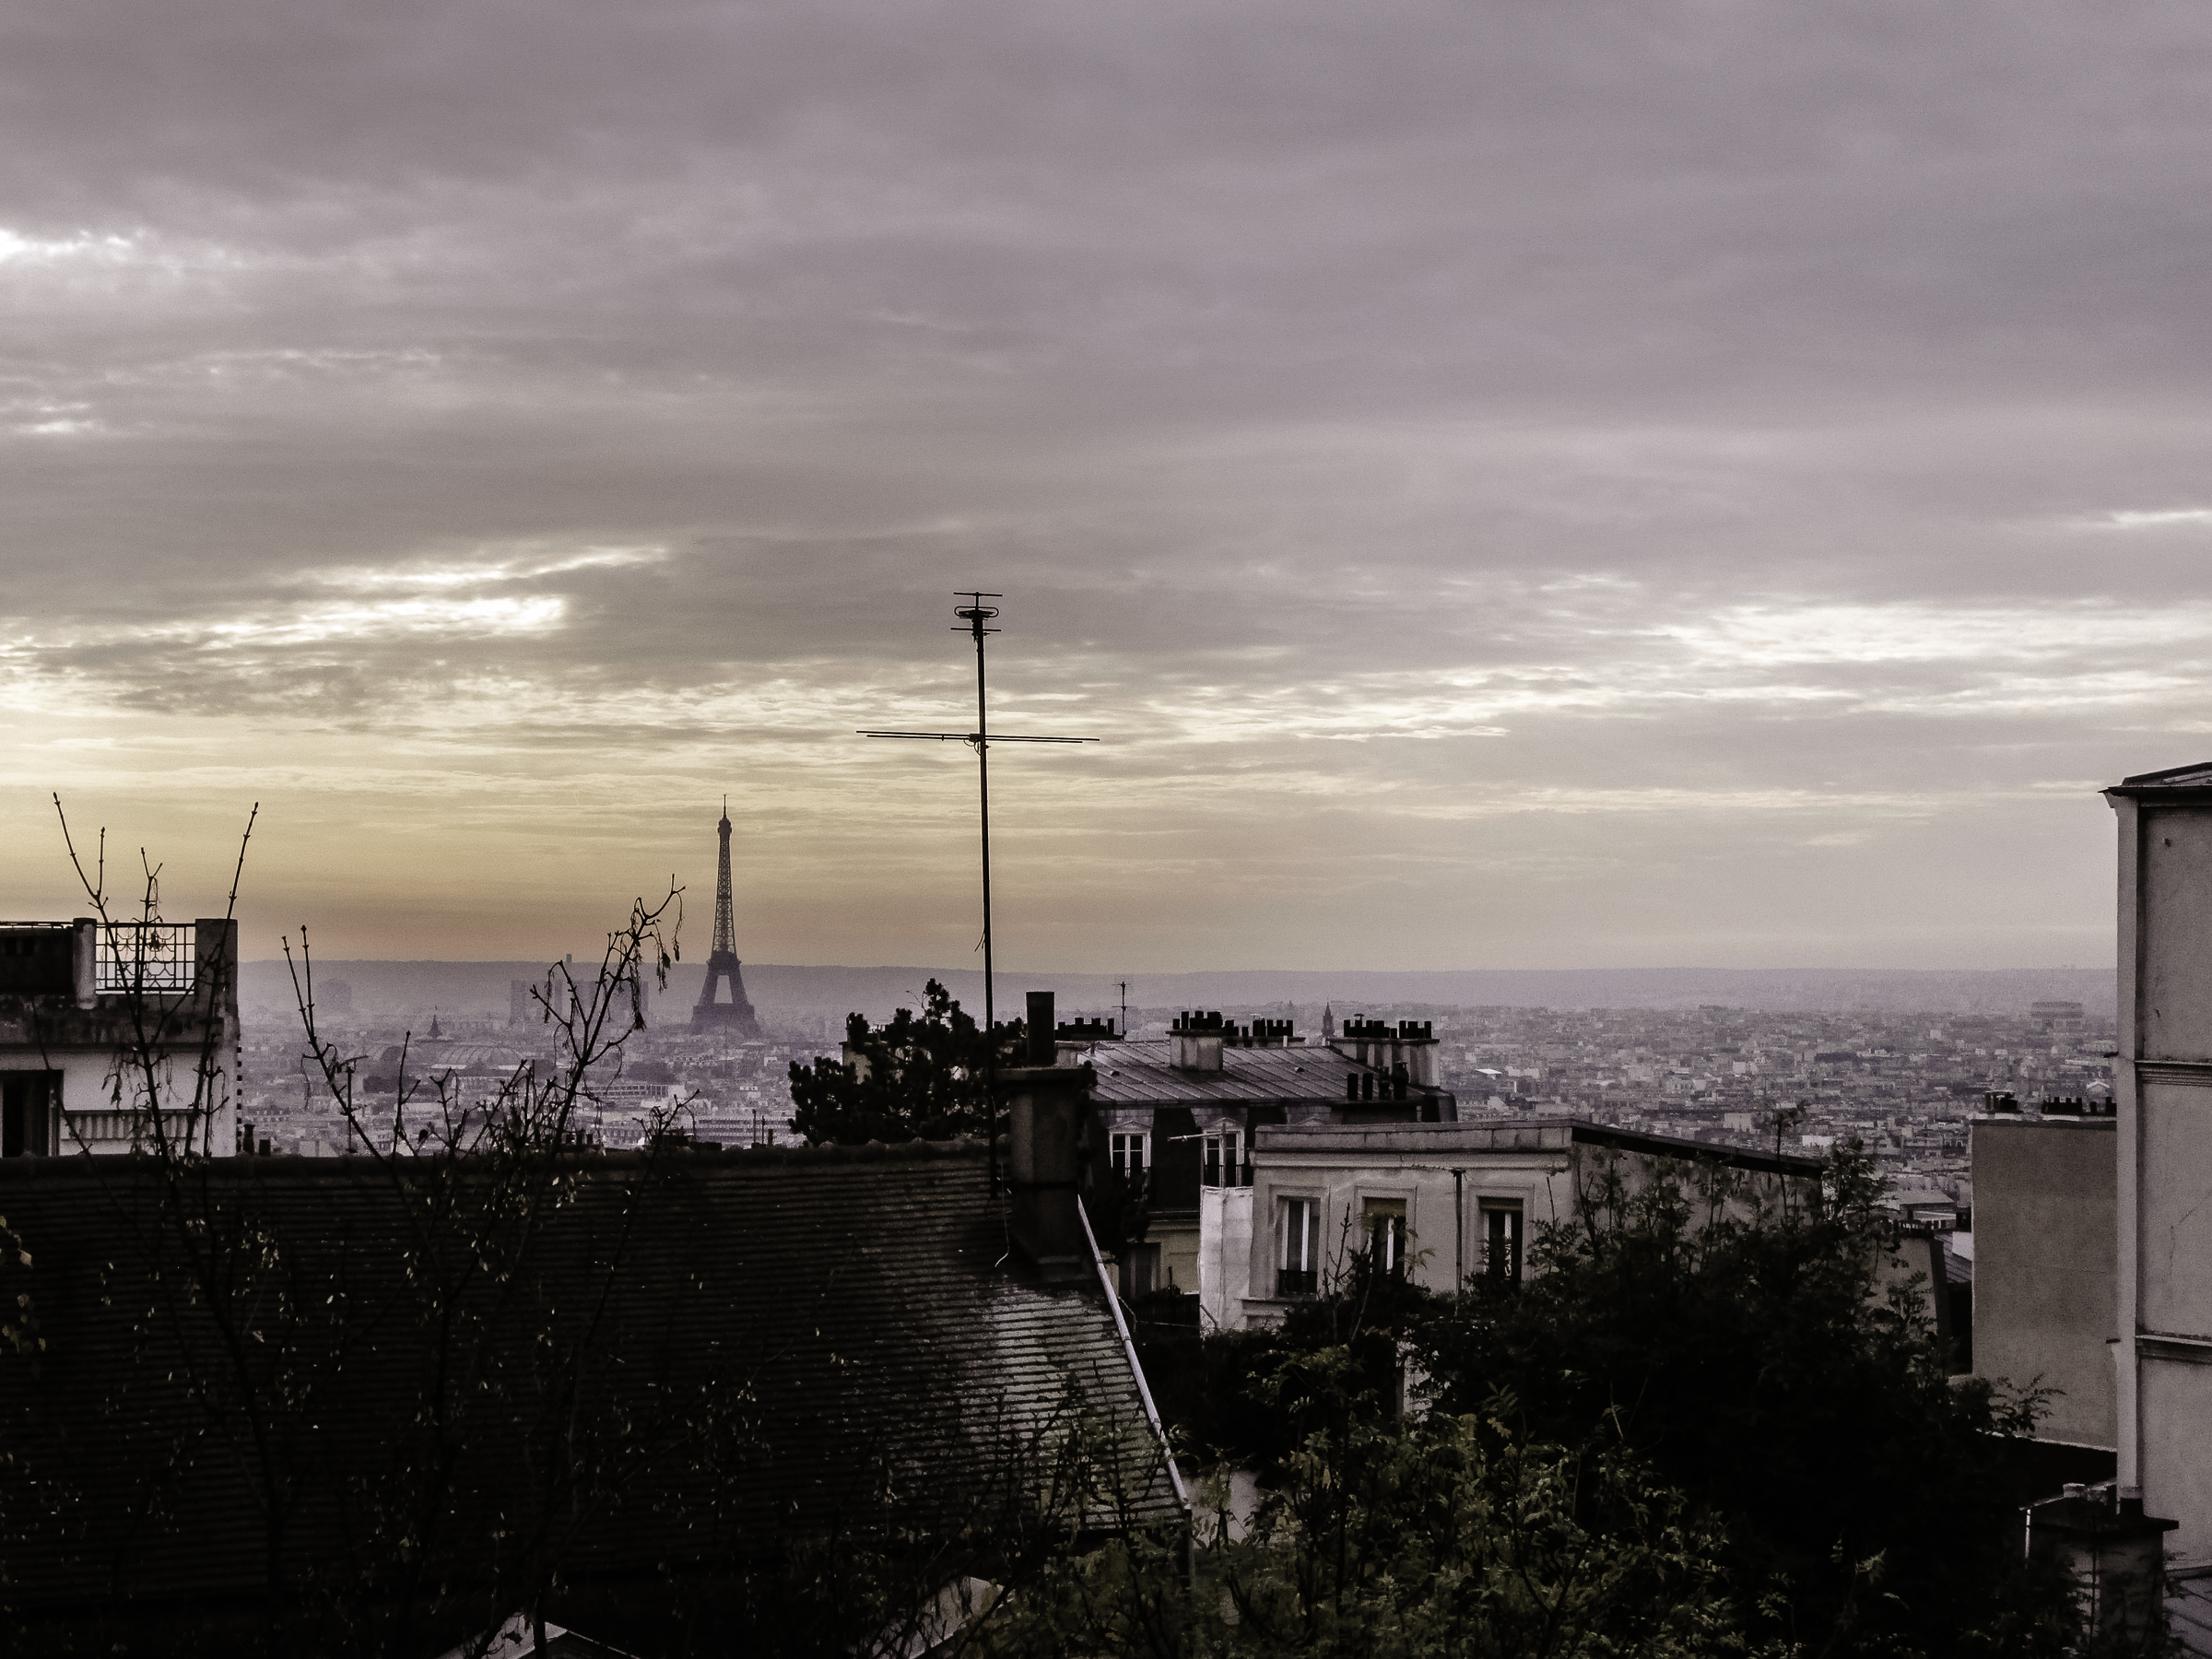 paris 2014 (1 of 1)